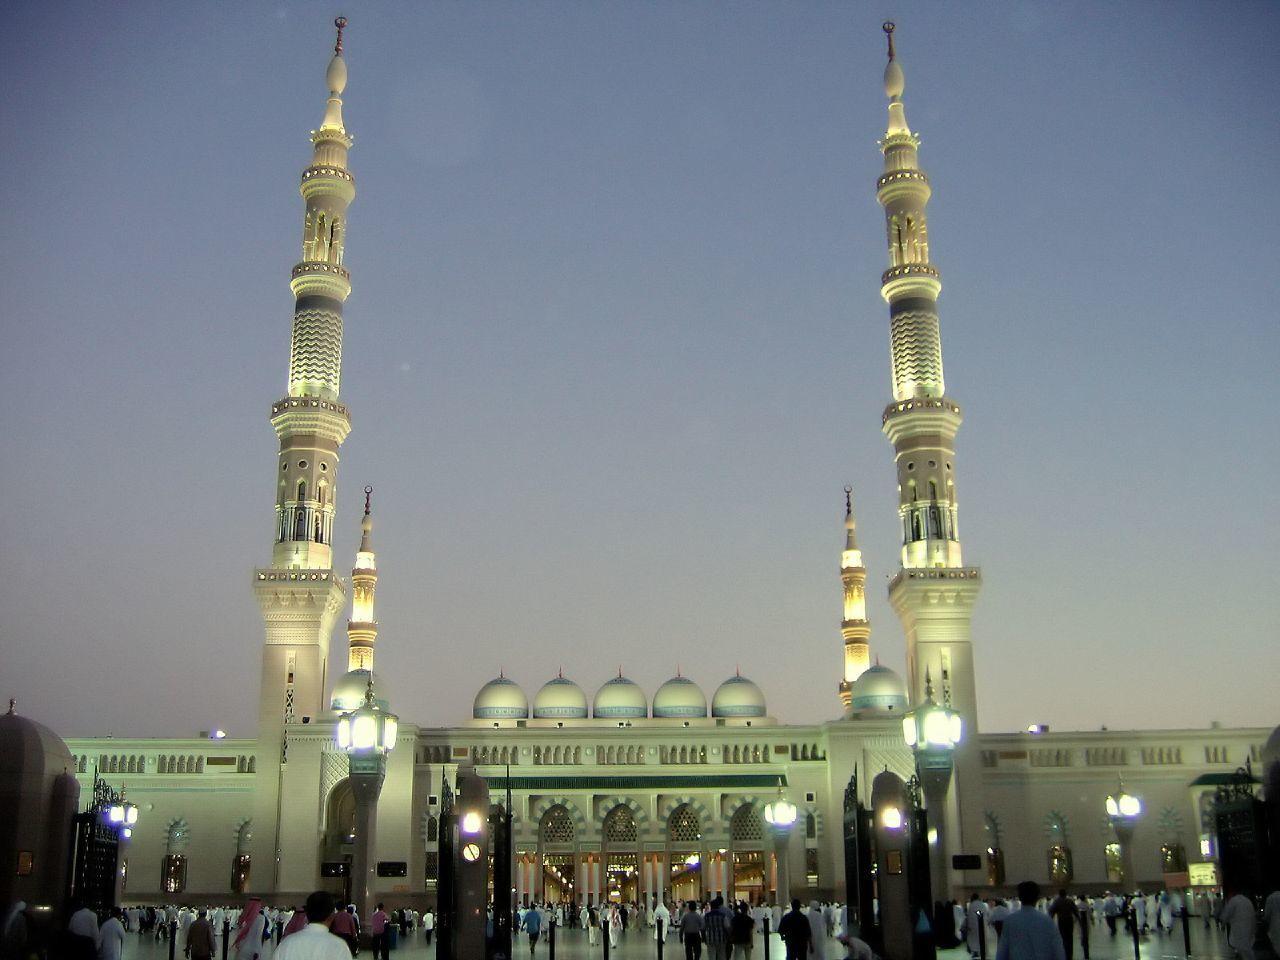 Le mauvais stationnement et les regroupement devant la mosquée